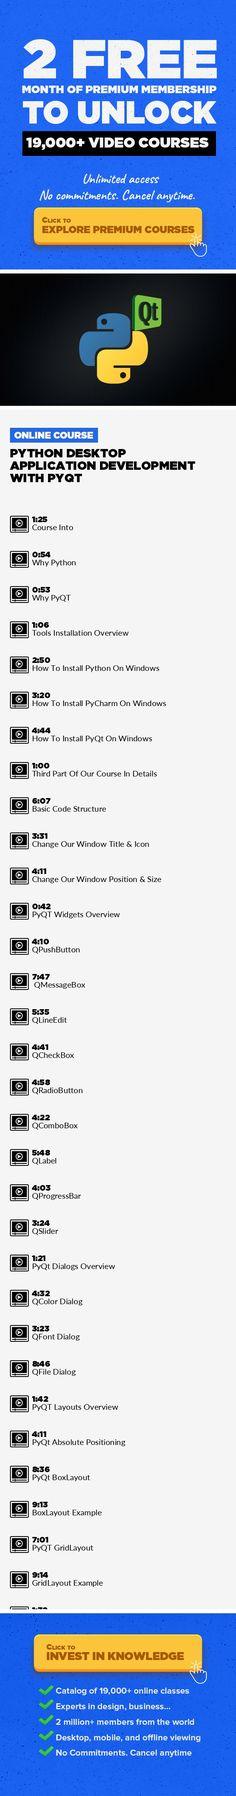 84 รูปภาพที่ยอดเยี่ยมที่สุดในบอร์ด Pyqt ในปี 2017